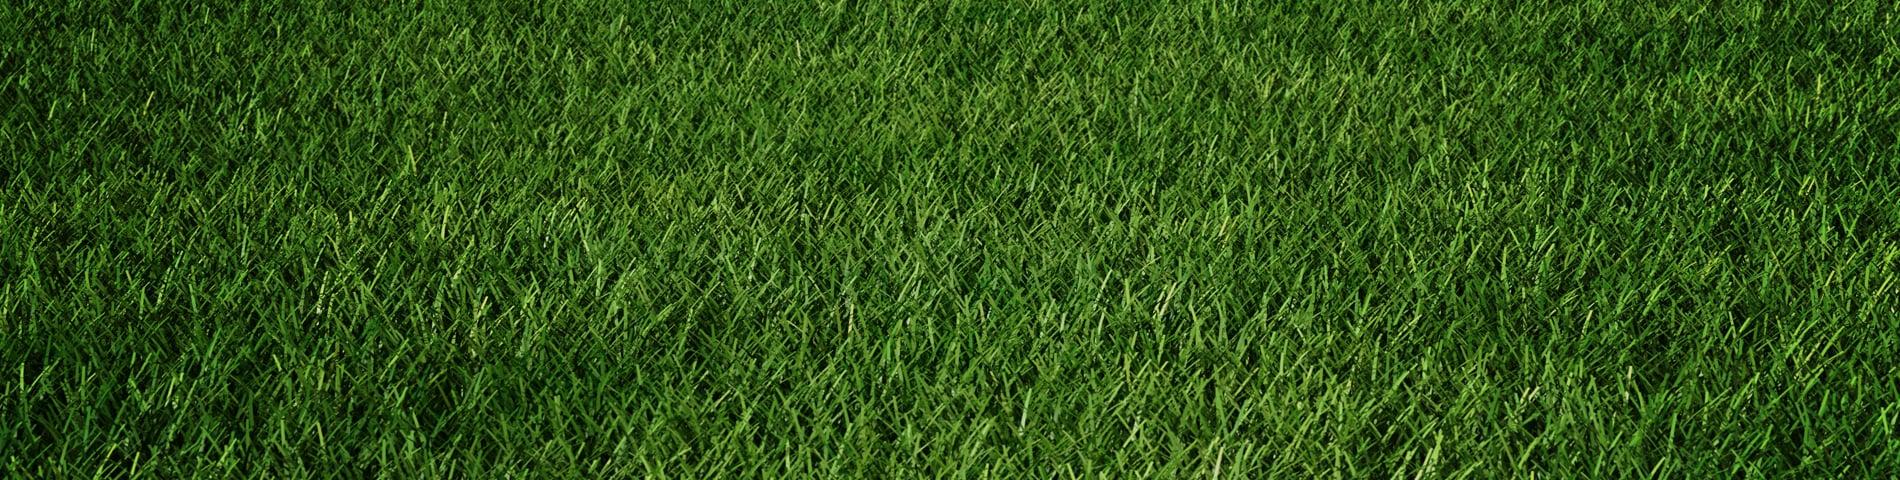 Grass_Hero_1900x480